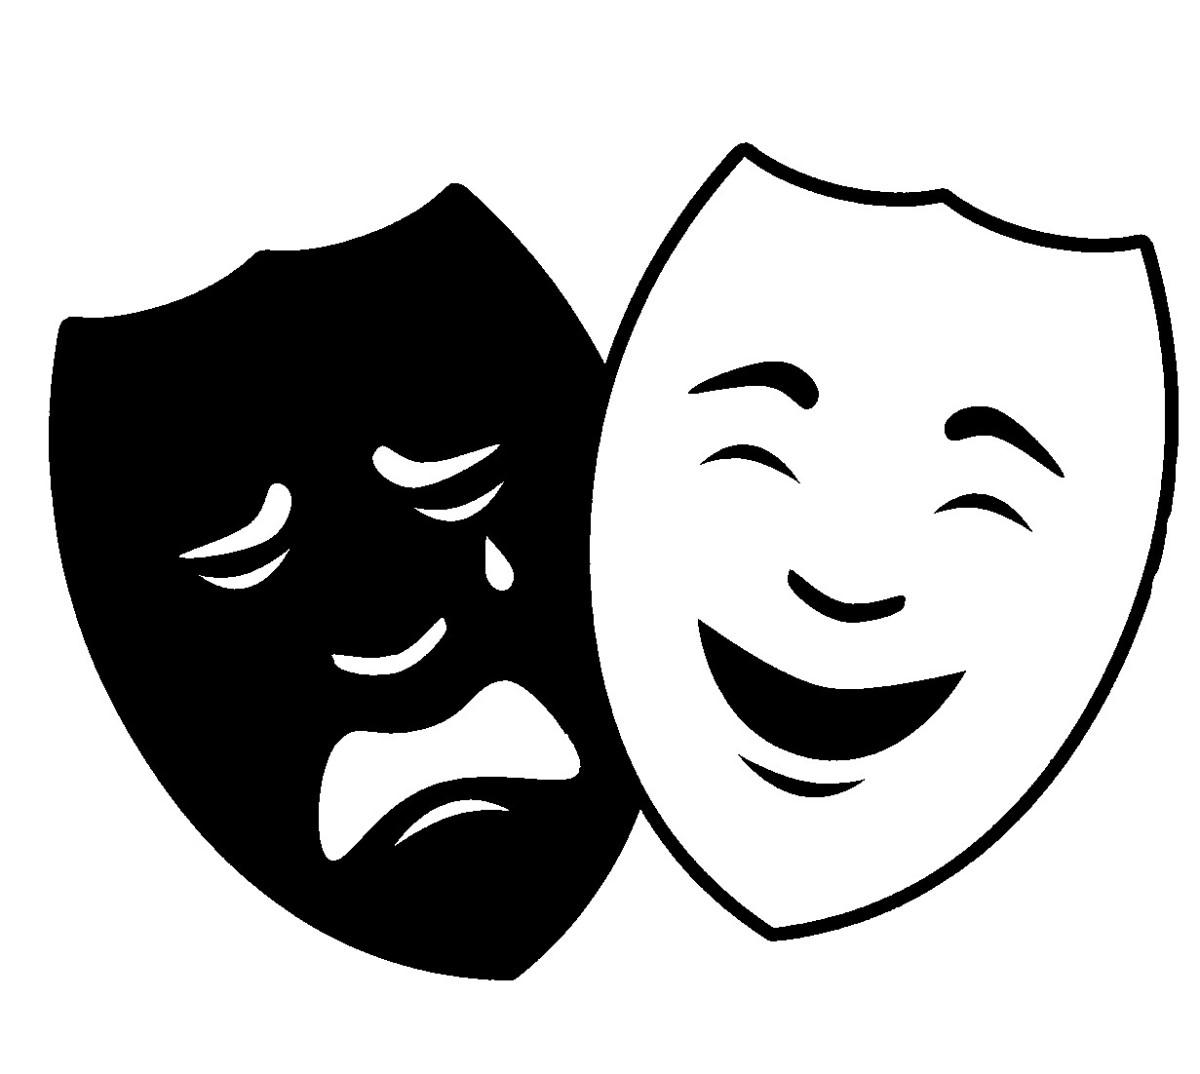 марьянова театральные маски черно белые картинки на прозрачном фоне представлена информация